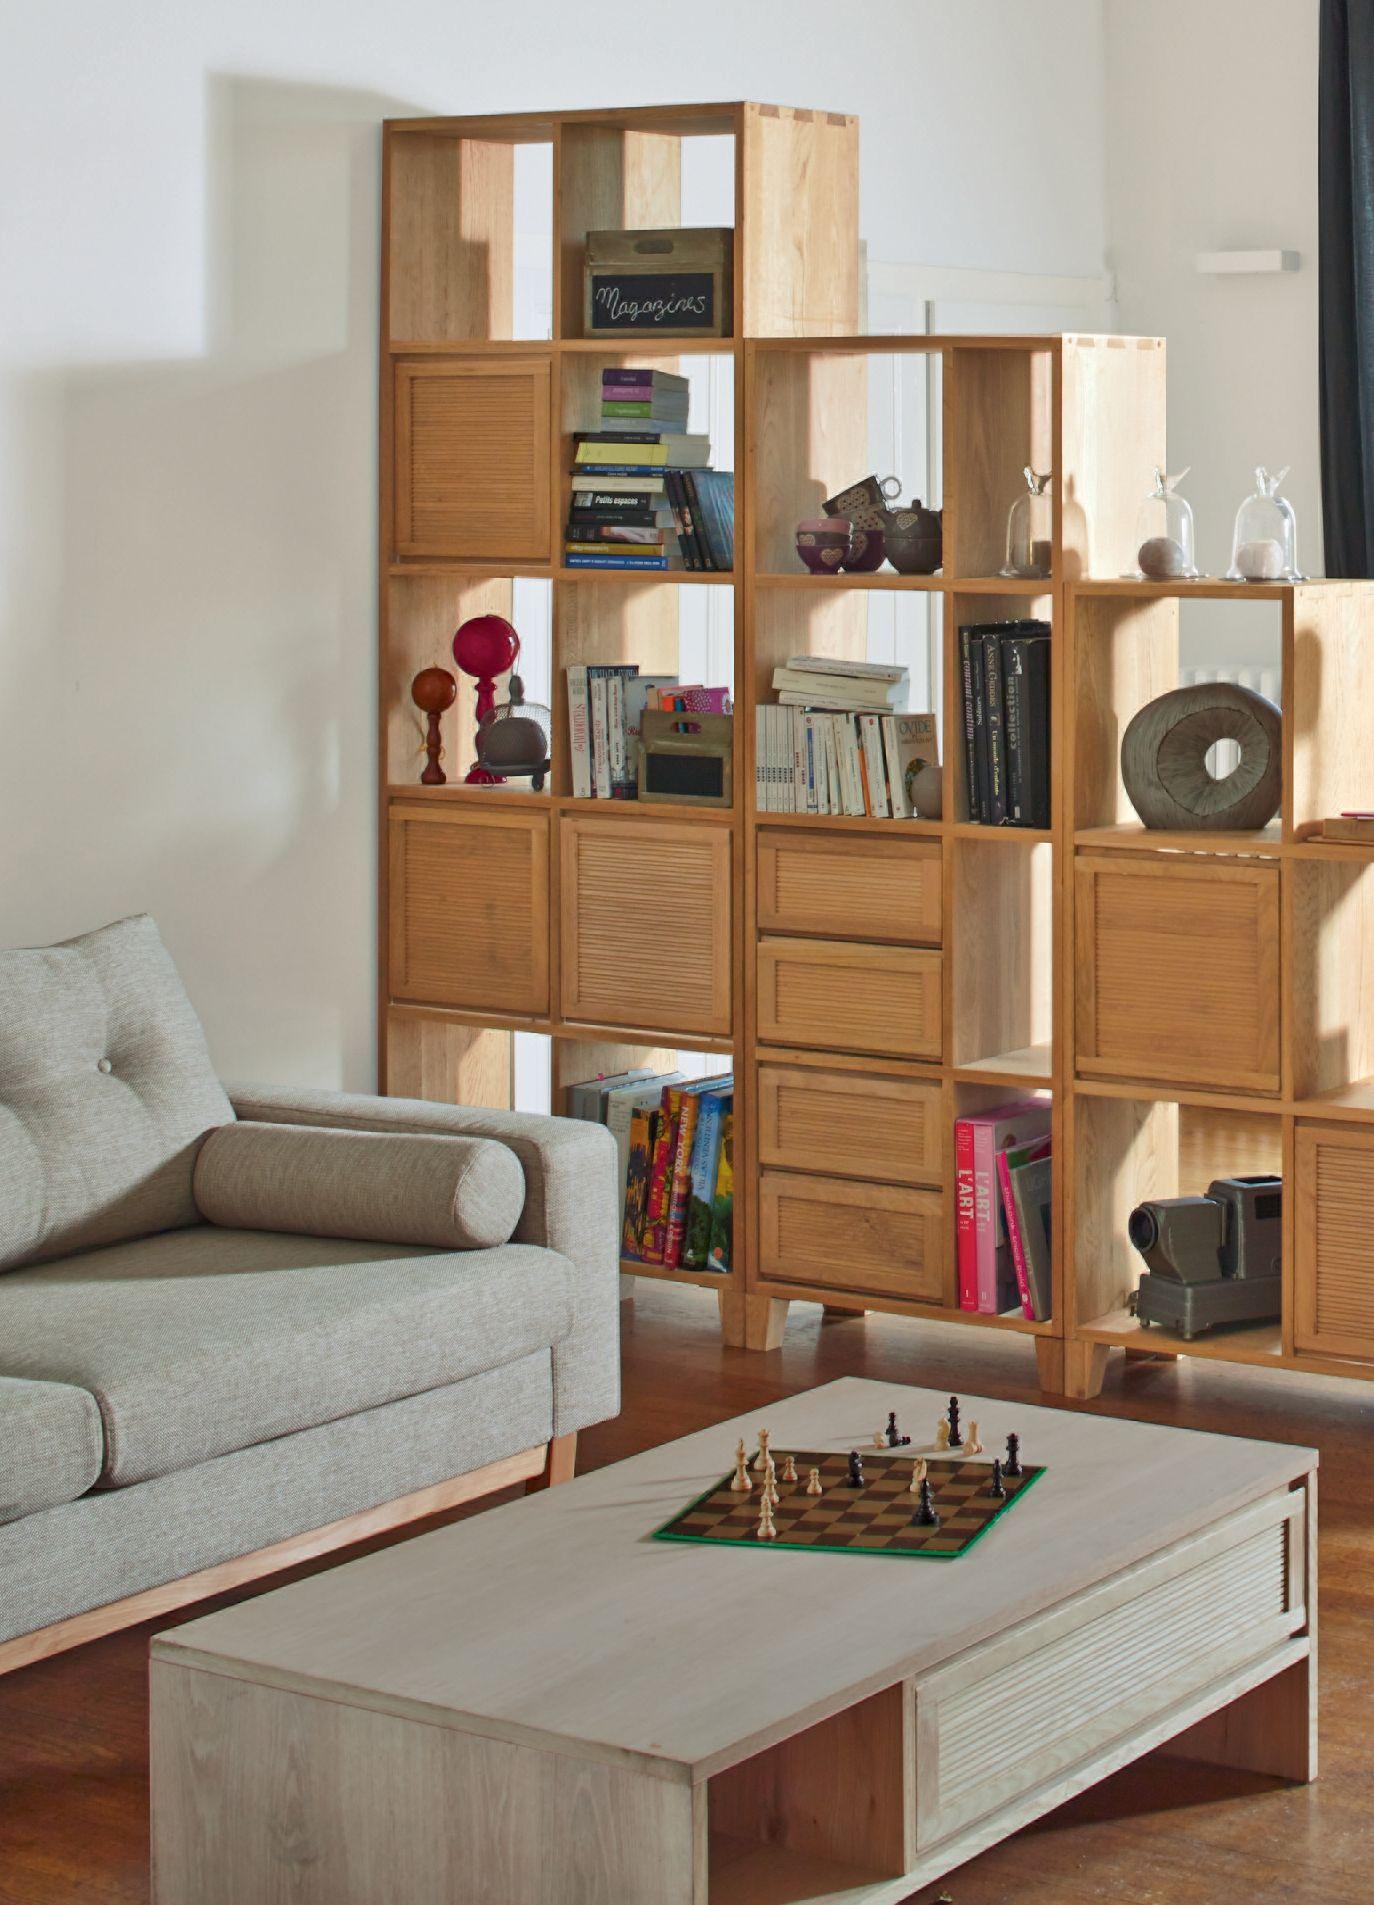 tassia tag re en ch ne forme zig d coration no l d co maison alin a rangement. Black Bedroom Furniture Sets. Home Design Ideas